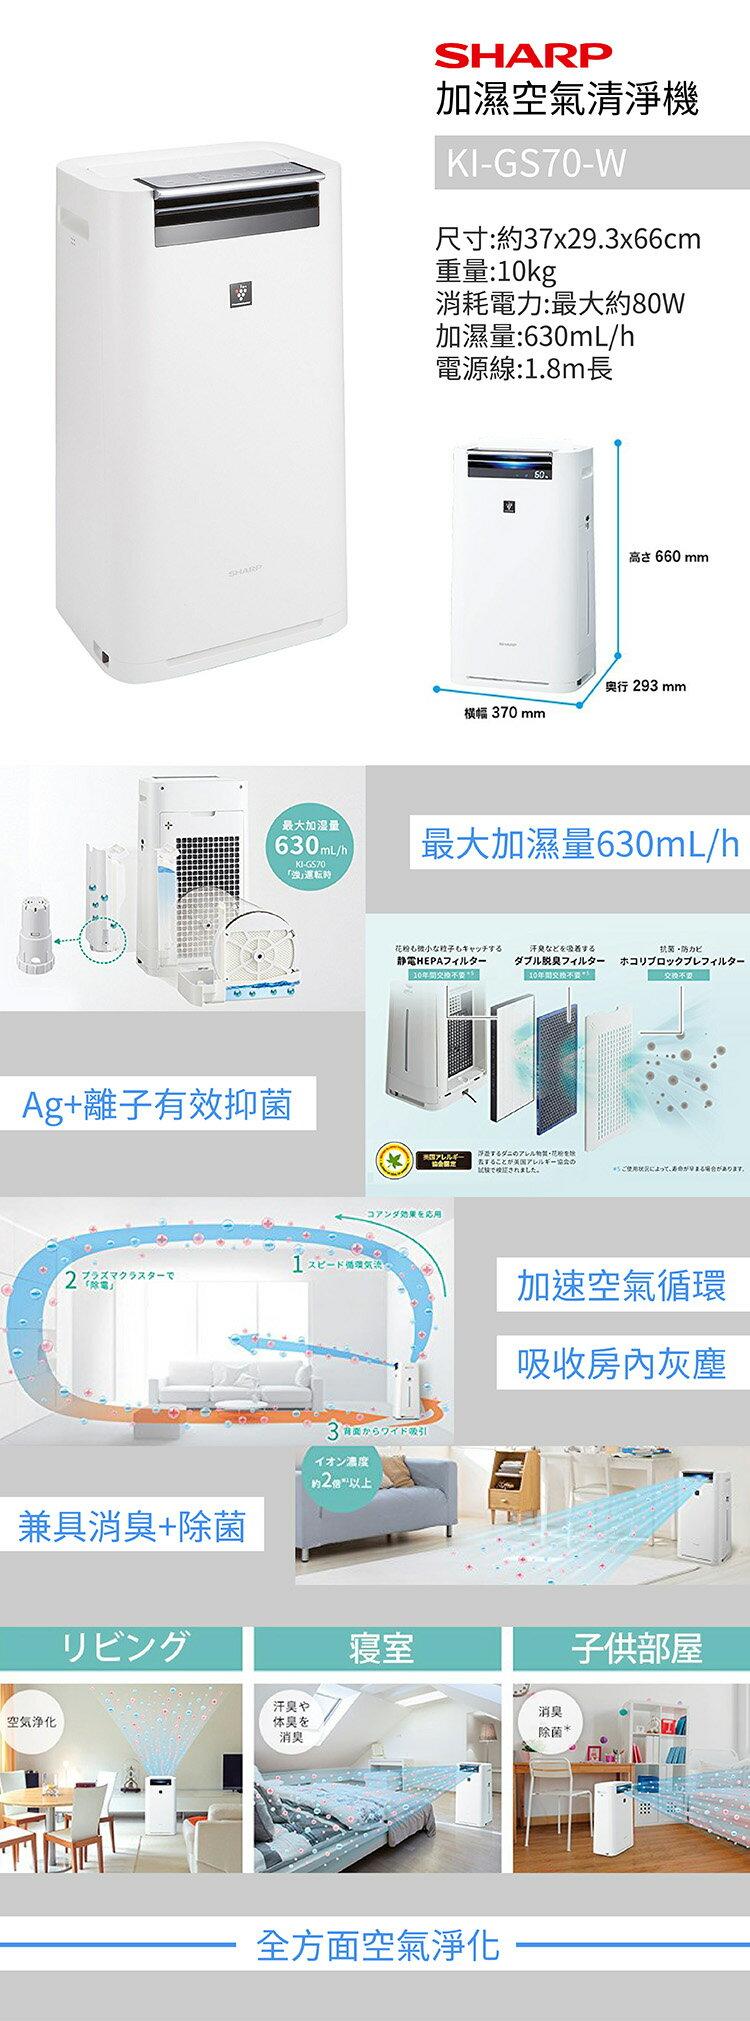 【海洋傳奇】【預購】SHARP KI-GS70-W 加濕空氣清淨機 16坪 PM2.5 抗菌 過敏 塵蹣 1